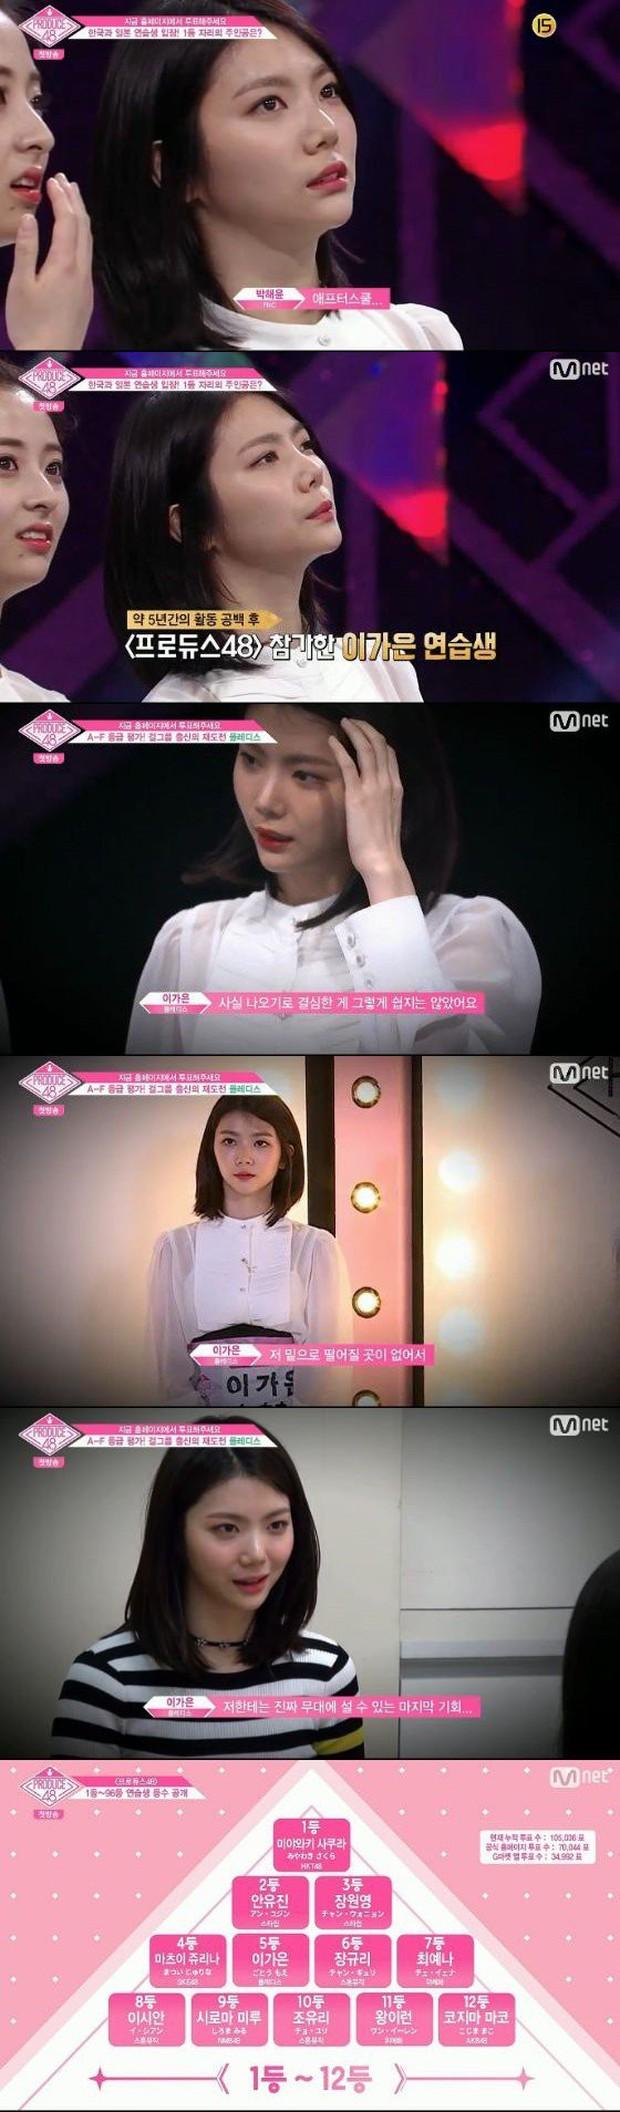 Produce 48: Em út After School nghẹn ngào khi lần đầu đối mặt với đàn chị chung nhóm - Ảnh 2.